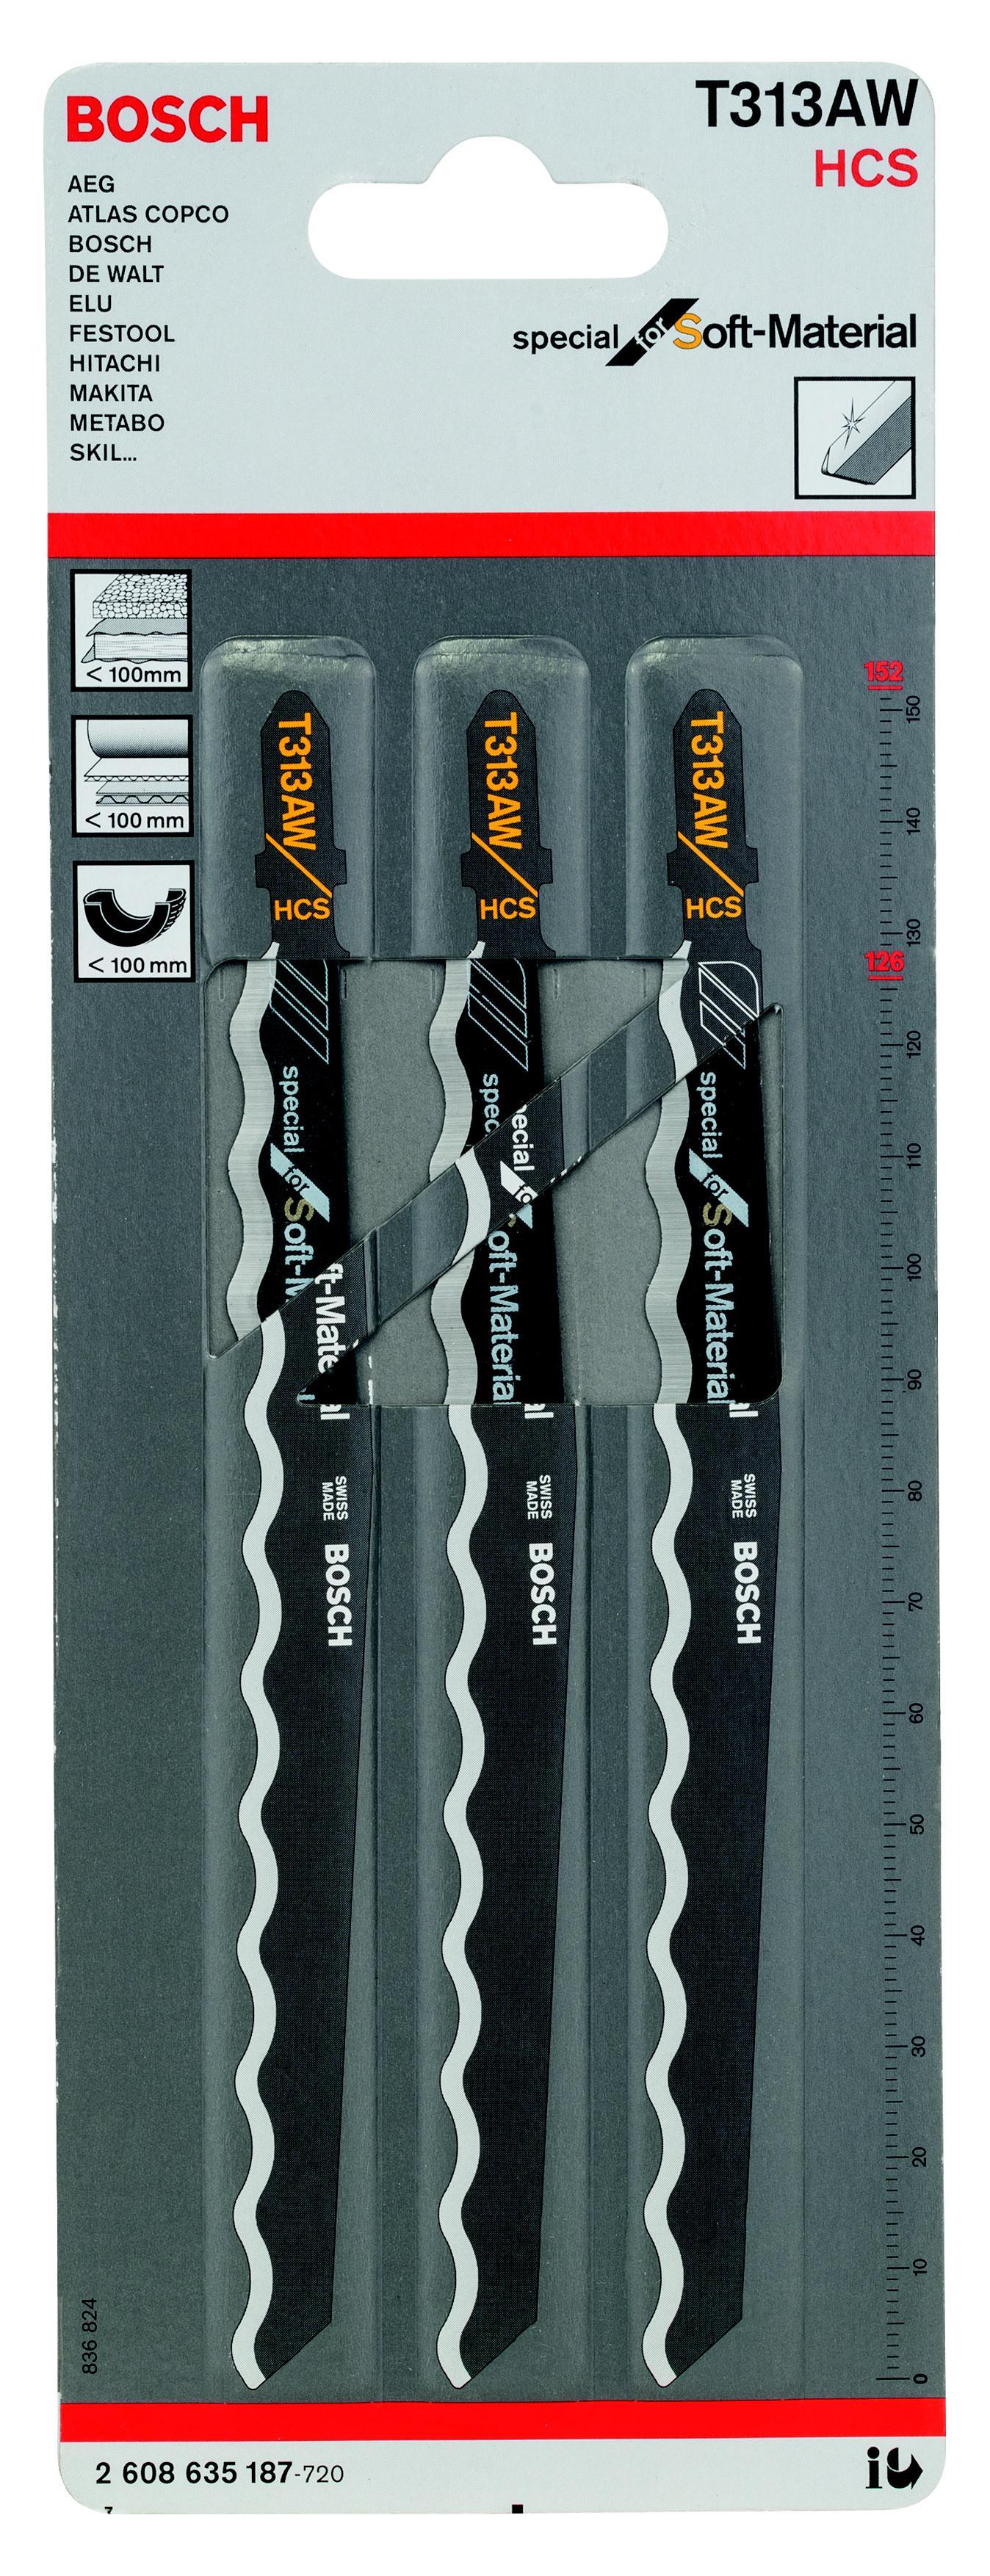 Пилки для лобзика Bosch T313aw (2.608.635.187), Швейцария  - Купить